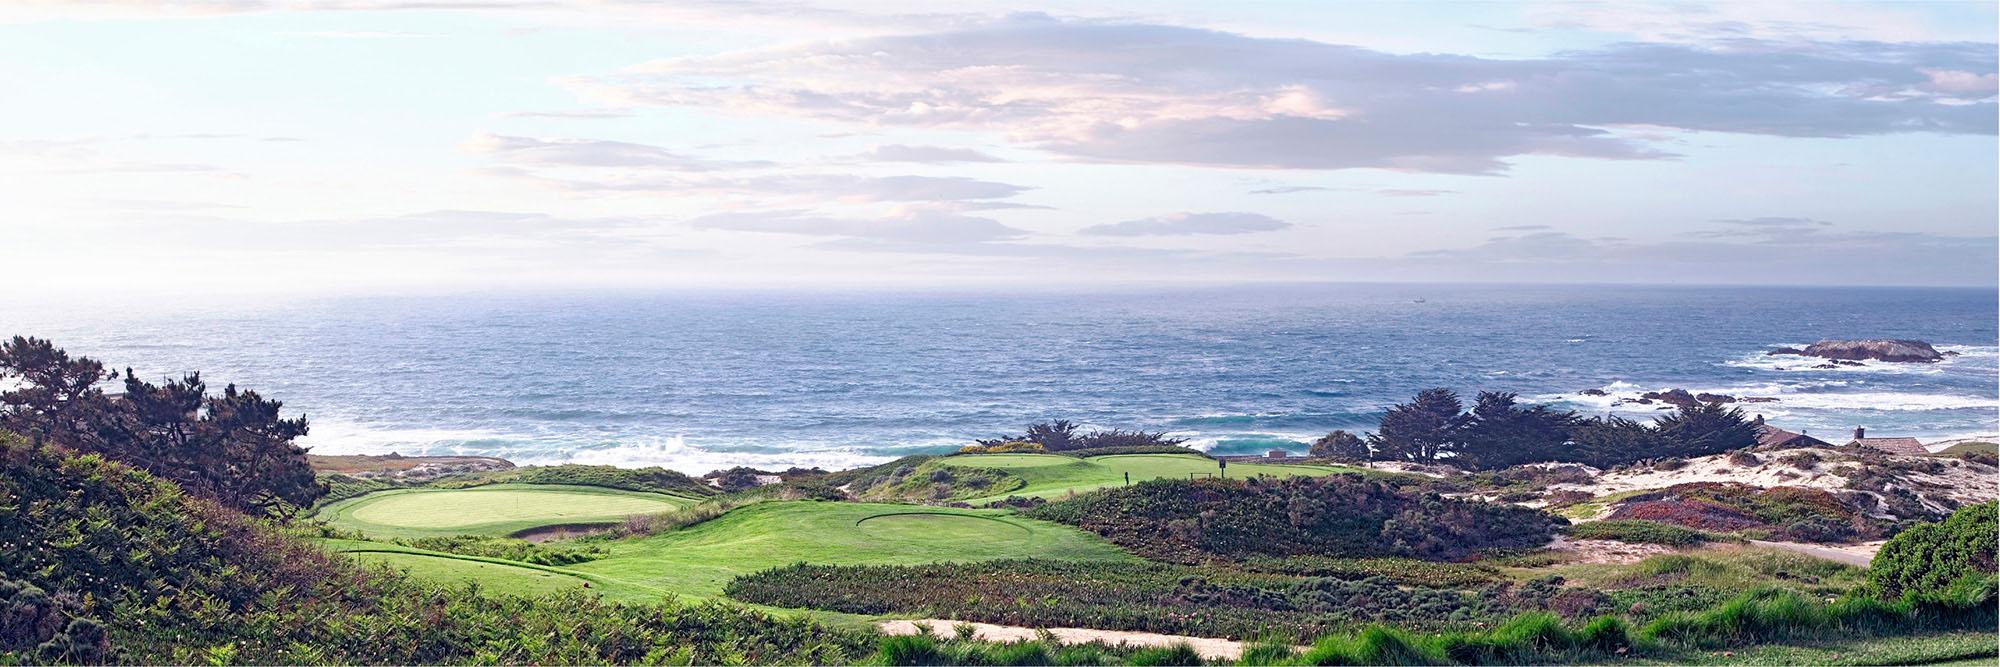 Golf Course Image - Spyglass Hill No. 3